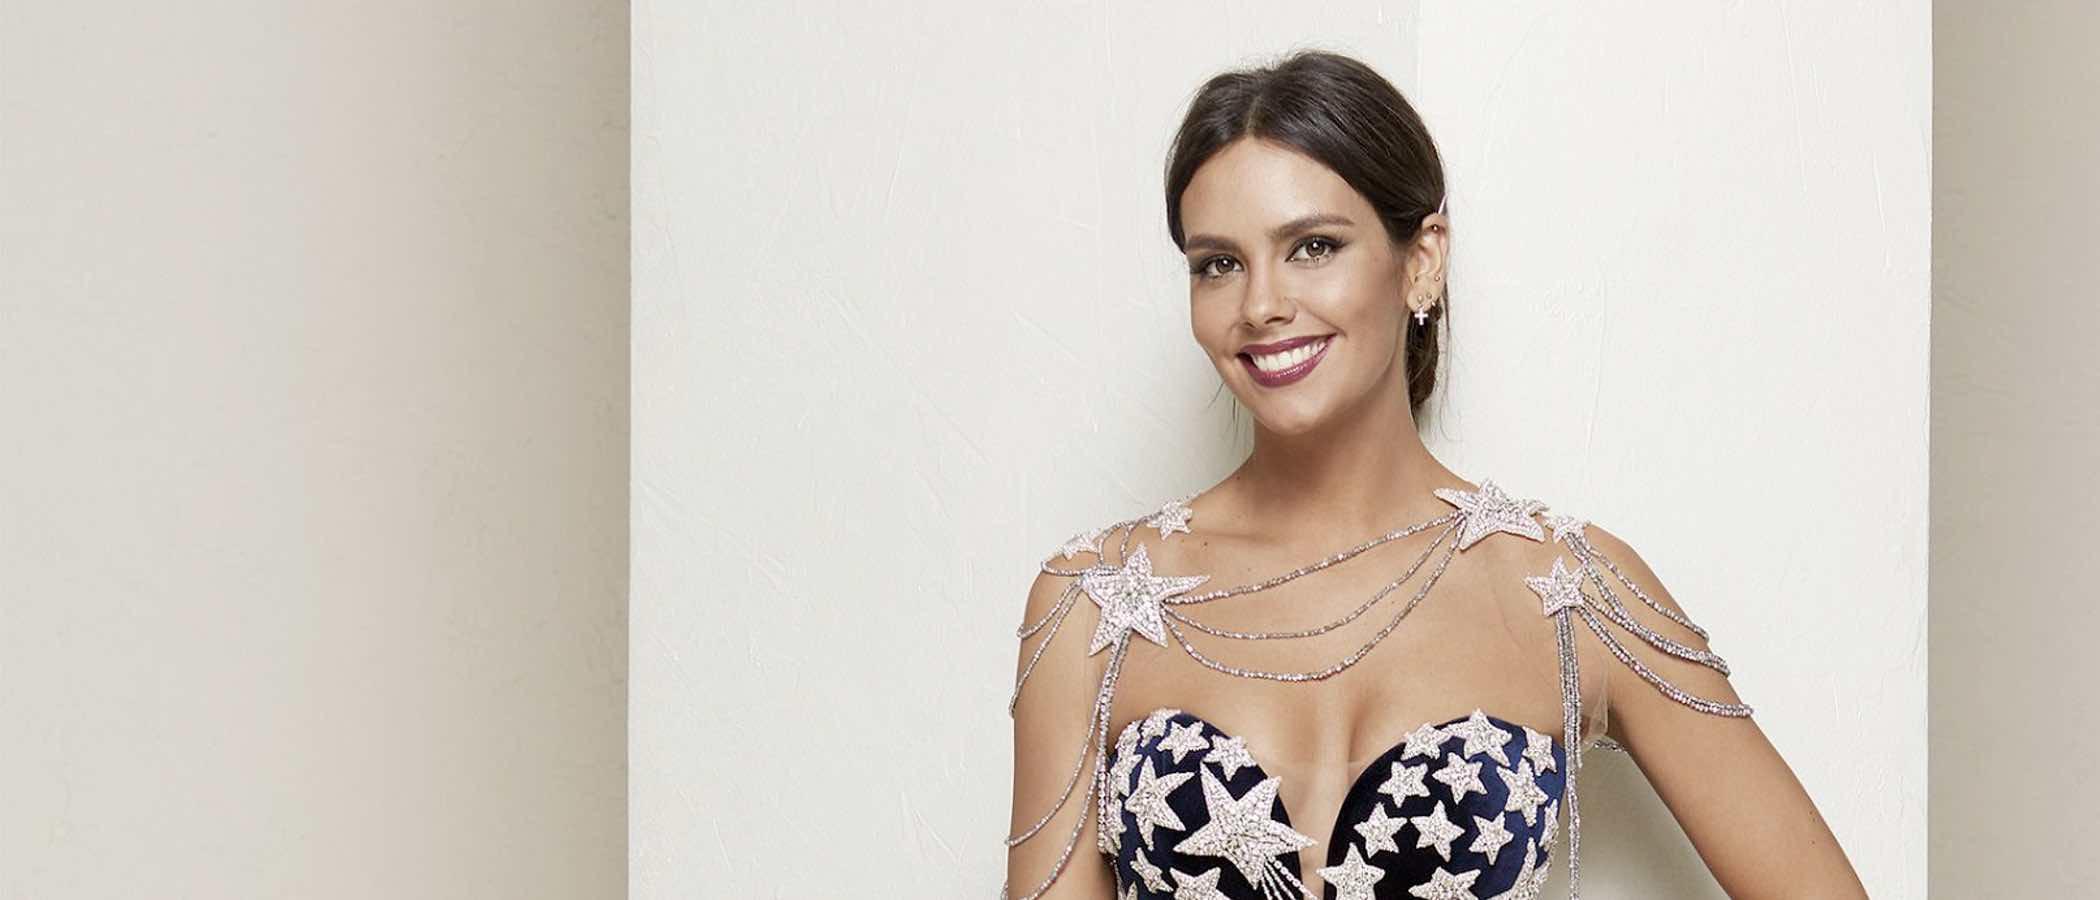 Pronovias volverá a firmar el vestido Cristina Pedroche para dar las Campanadas